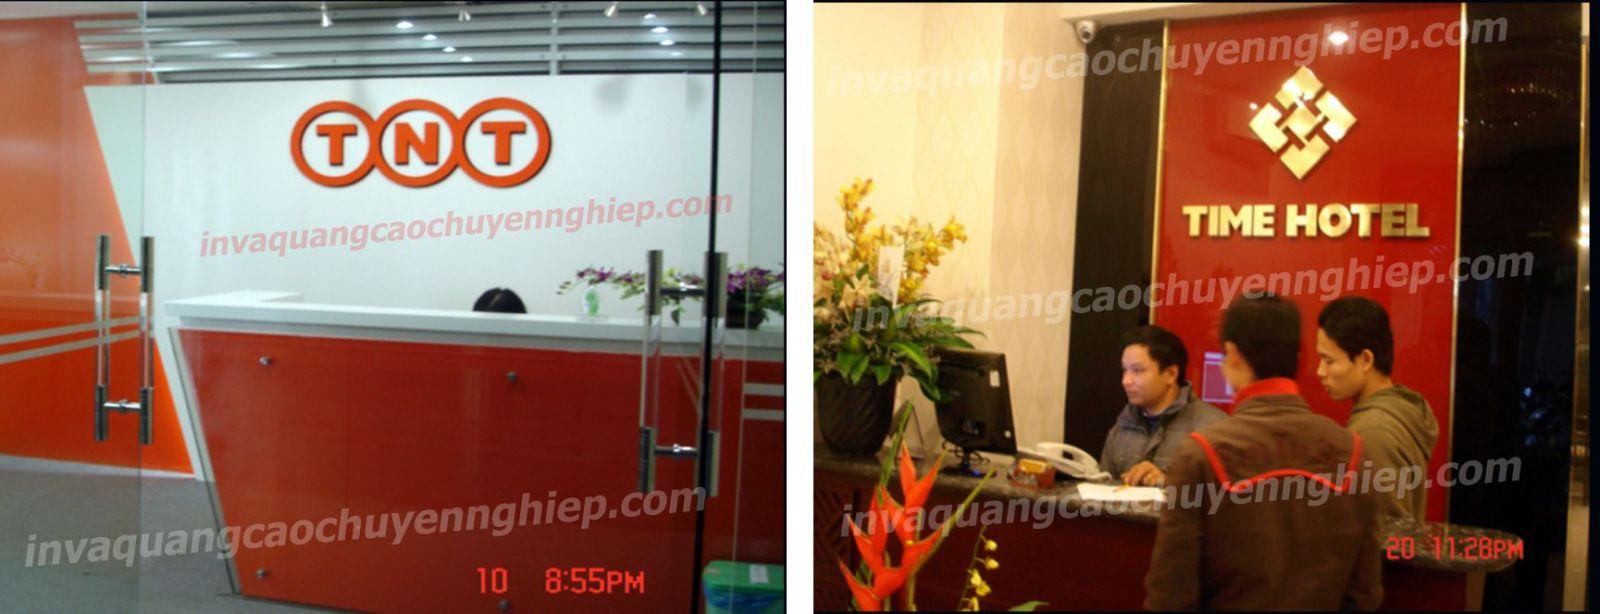 Làm biển lễ tân, logo backdrop văn phòng bằng mica và đồng